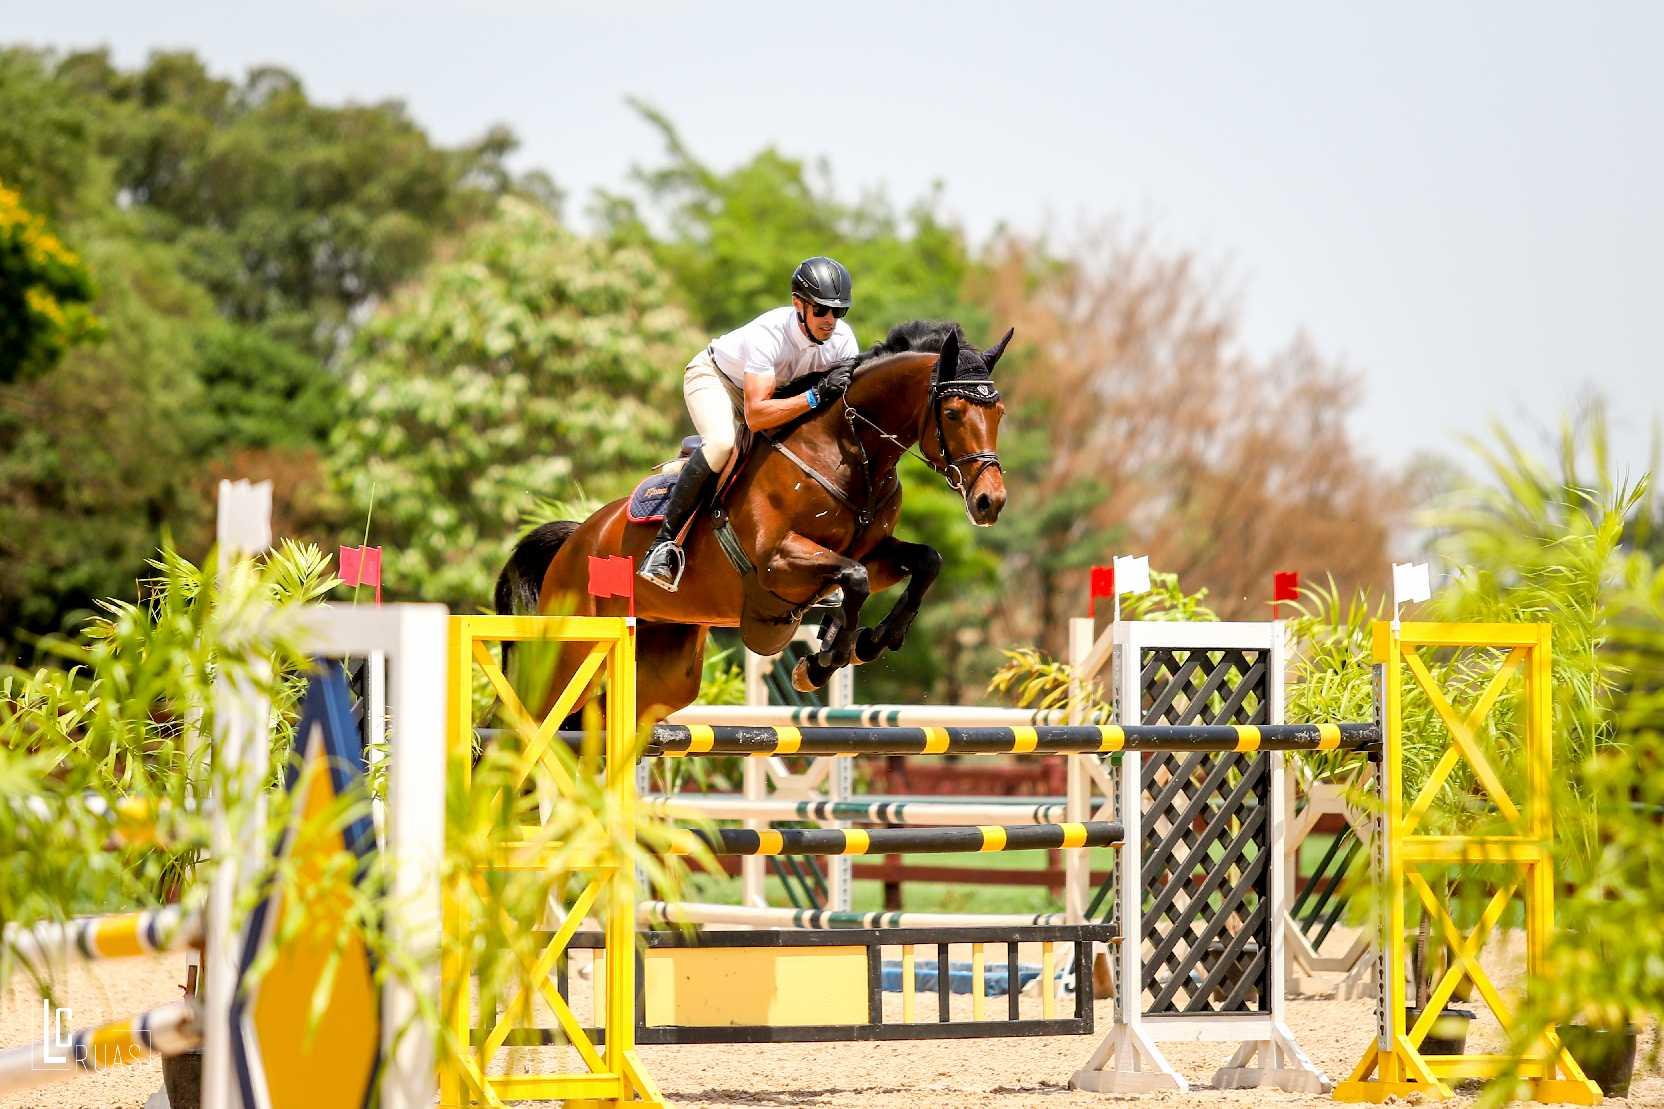 Brasileiro de Cavalos Novos no Haras Agromen: boa participação e nível técnico 41